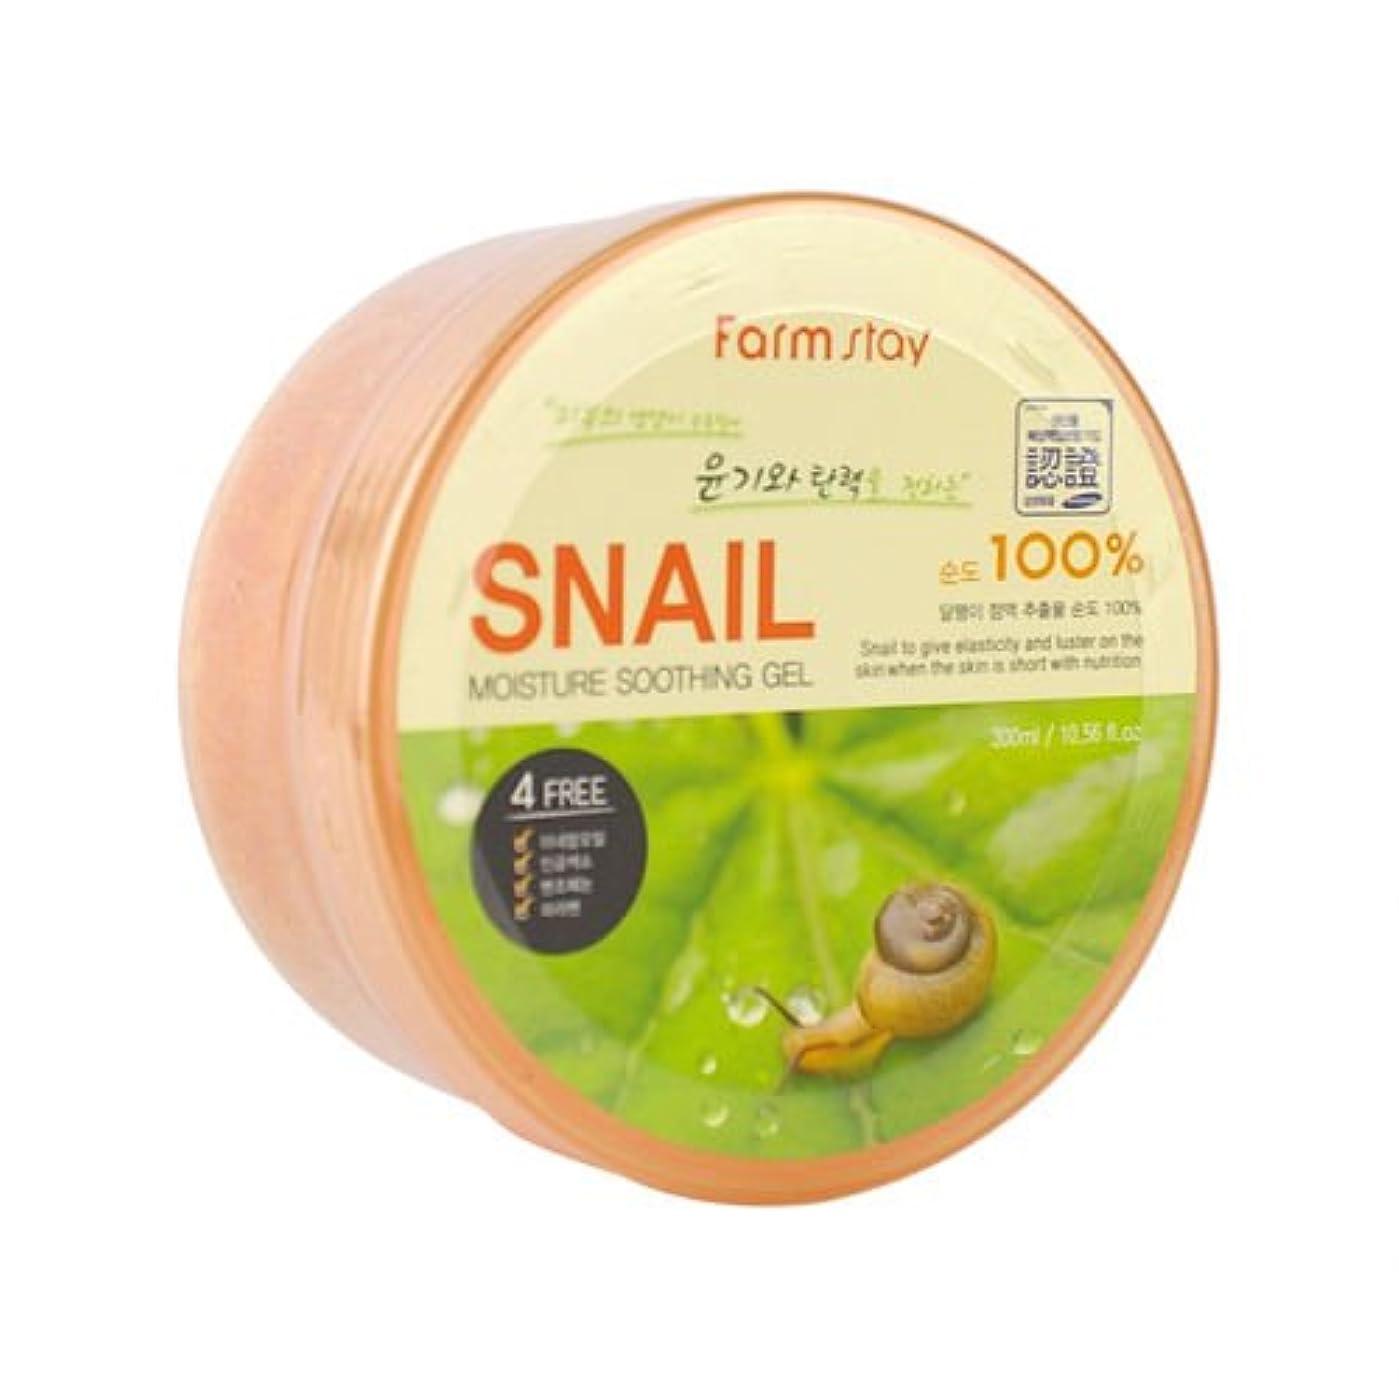 助言イヤホンぬいぐるみFarm Stay Snail Moisture Soothing Gel 300ml /Snail extract 100%/Skin Glowing & Elasticity Up [並行輸入品]